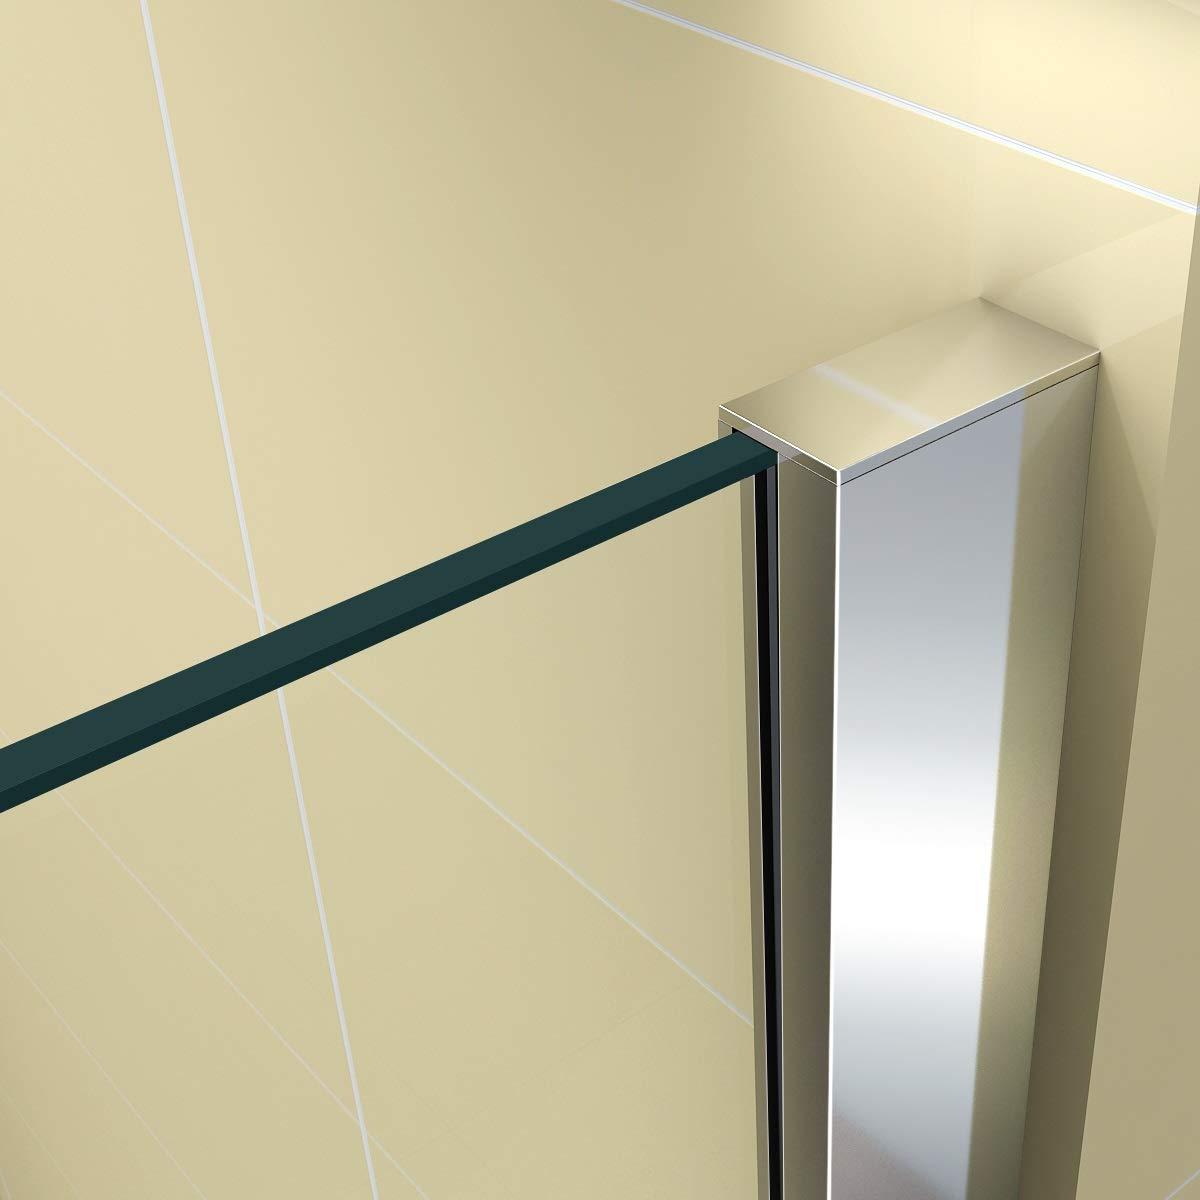 aus ESG Sicherheitsglas #668 Eckeinstieg Duschkabine Links und RECHTS montierbar i-flair Eckdusche 80cm x 70cm -T/ÜR:80cm